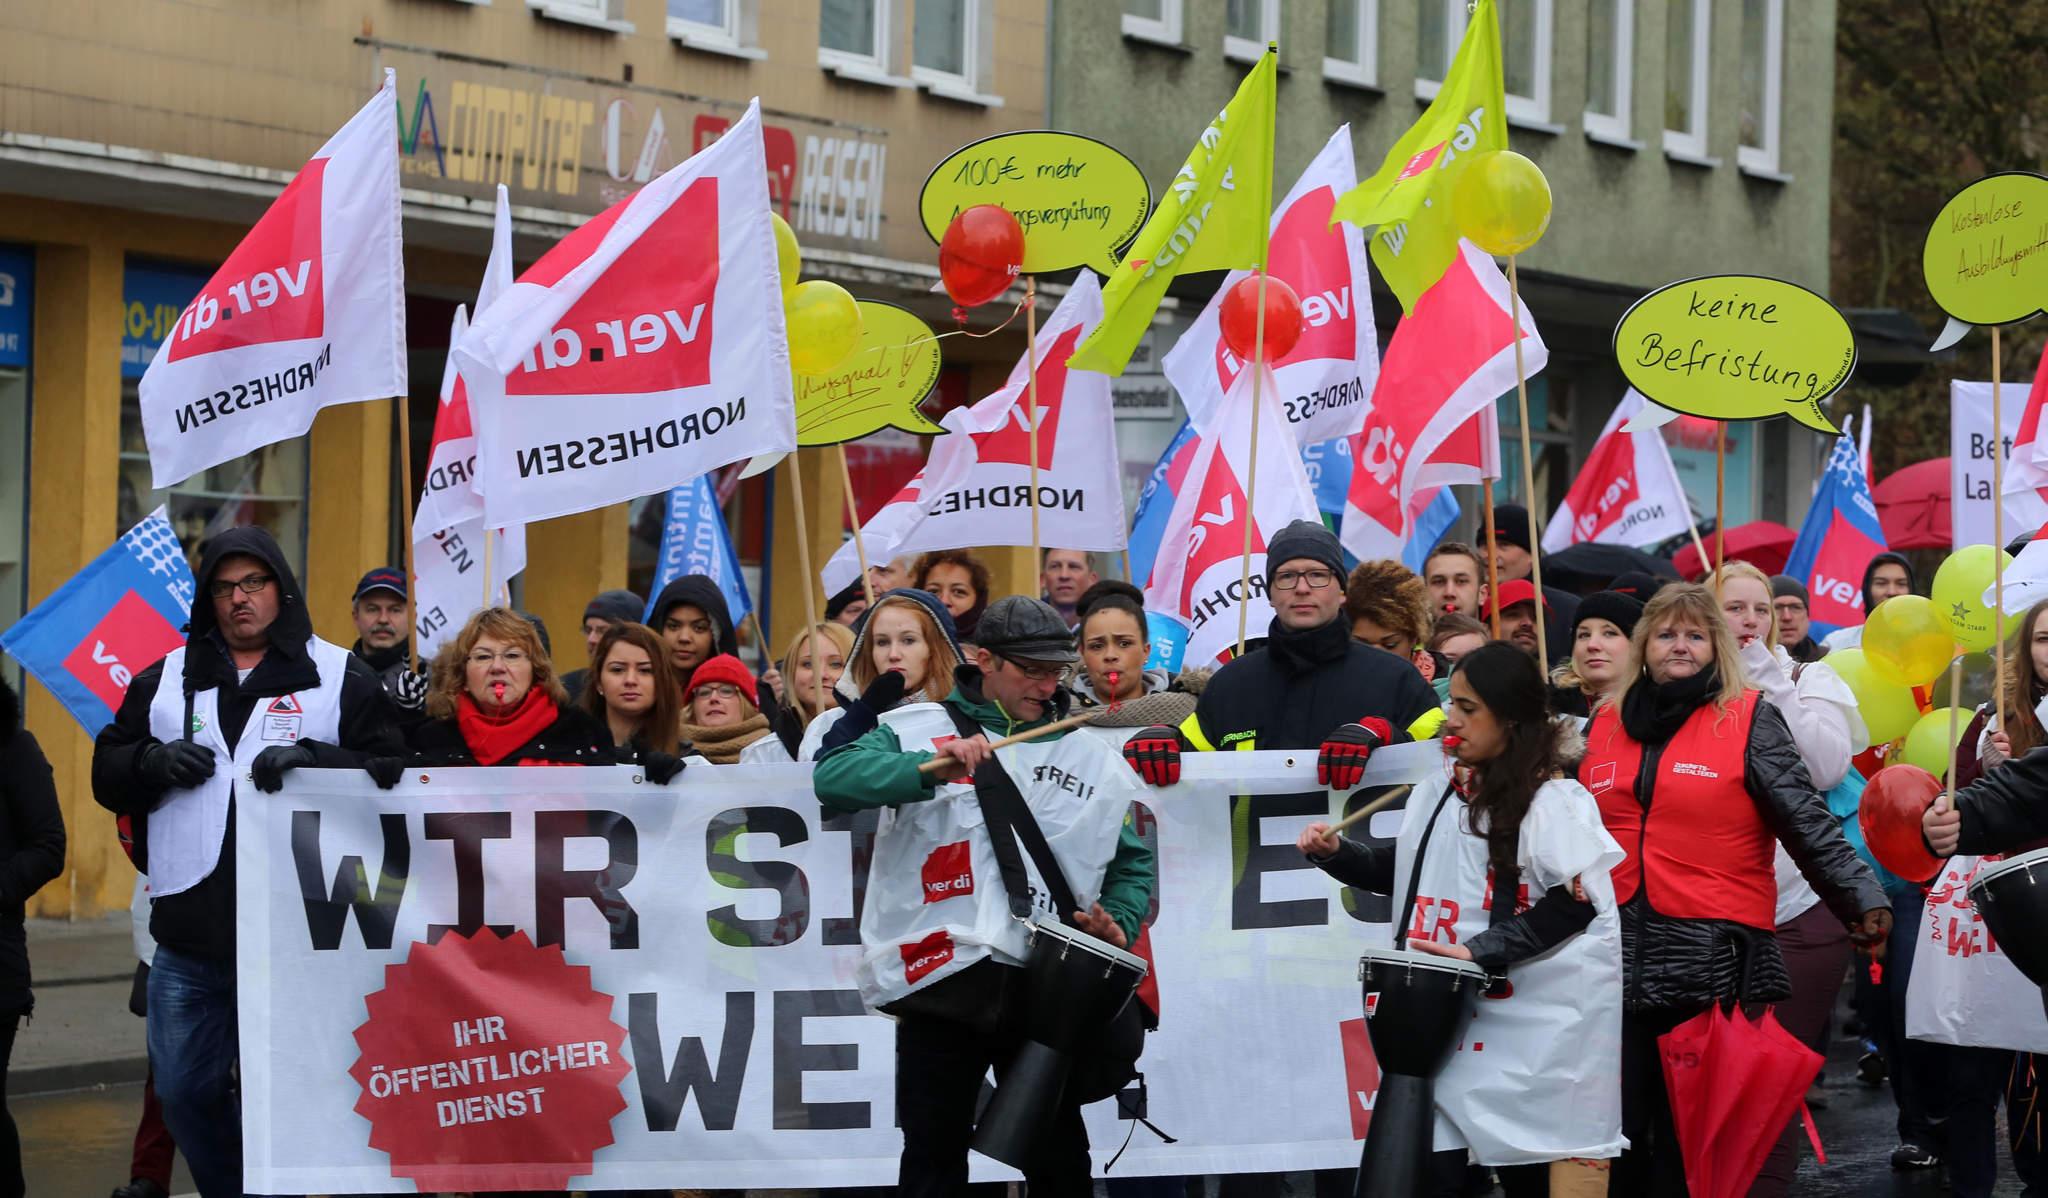 Verdi Aufruf Zum Streik 4000 Protestierten In Kassel Kassel